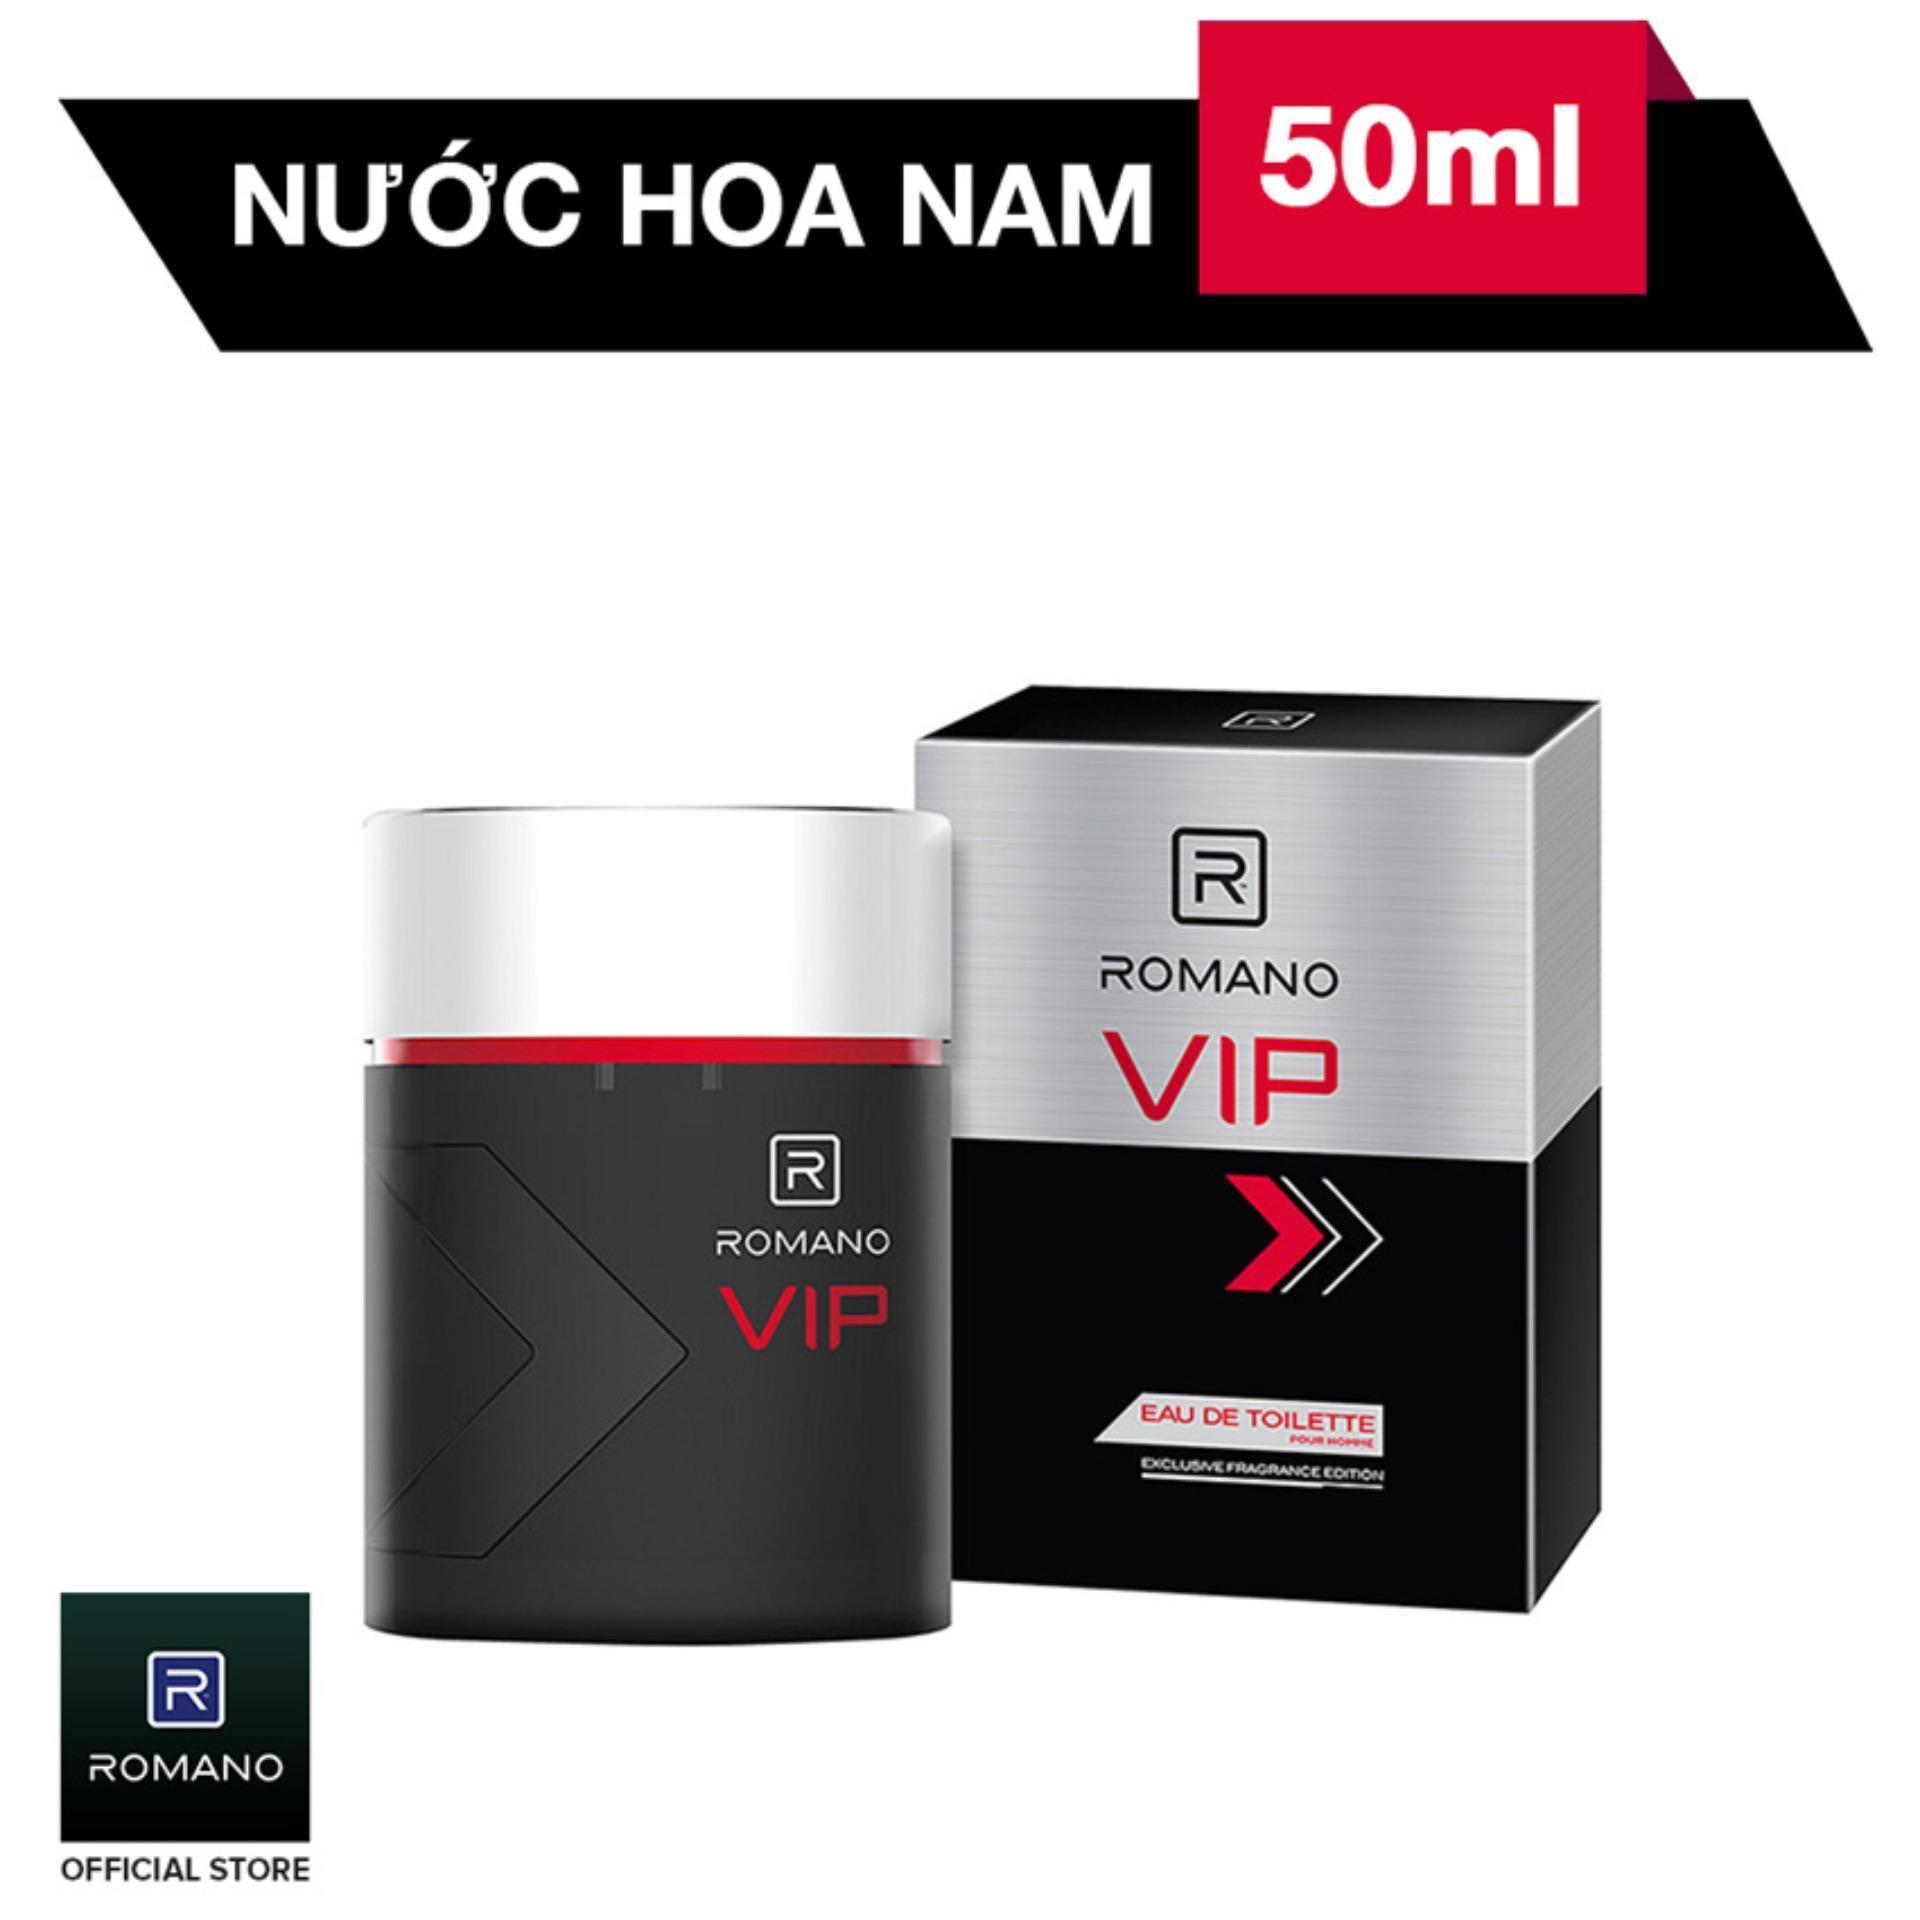 Romano Vip nước hoa 50ml nhập khẩu